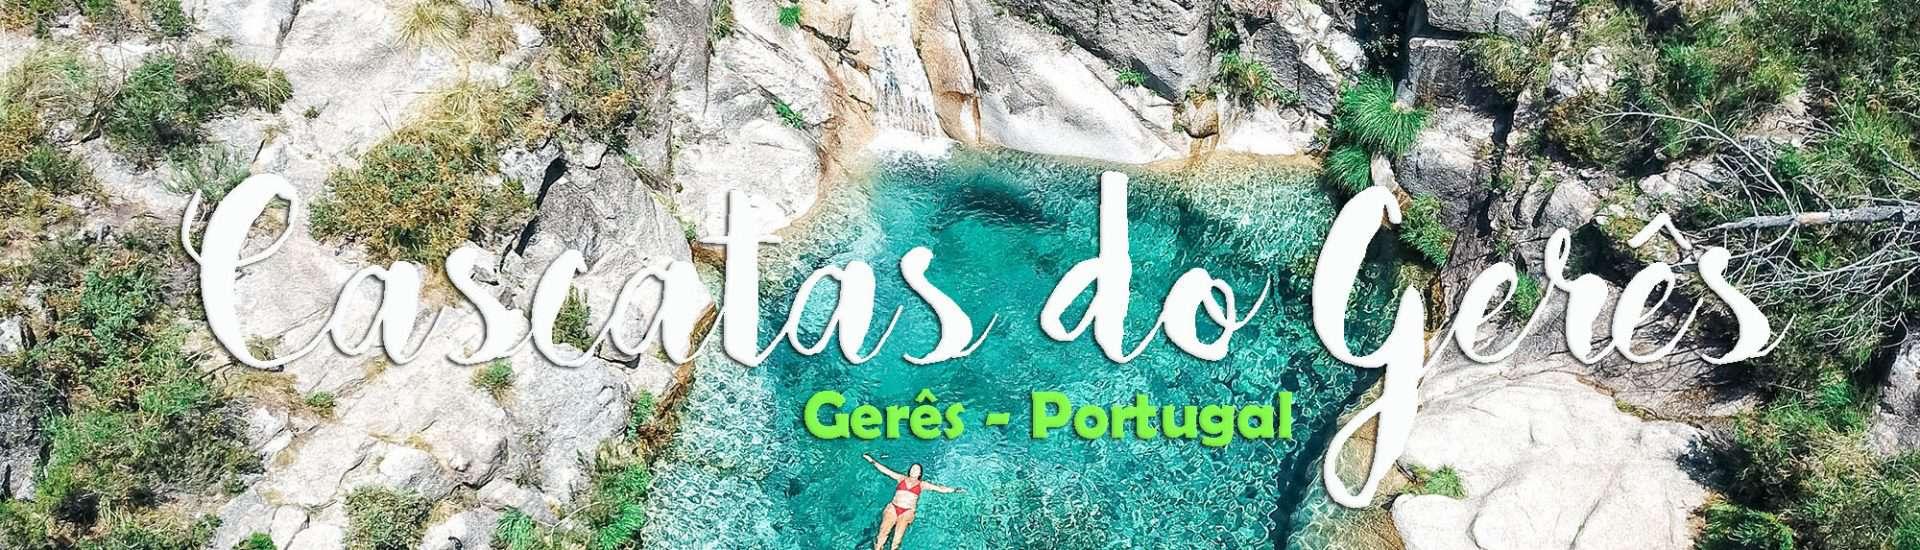 Visitar as melhores CASCATAS DO GERÊS e as suas mais belas piscinas naturais   Portugal